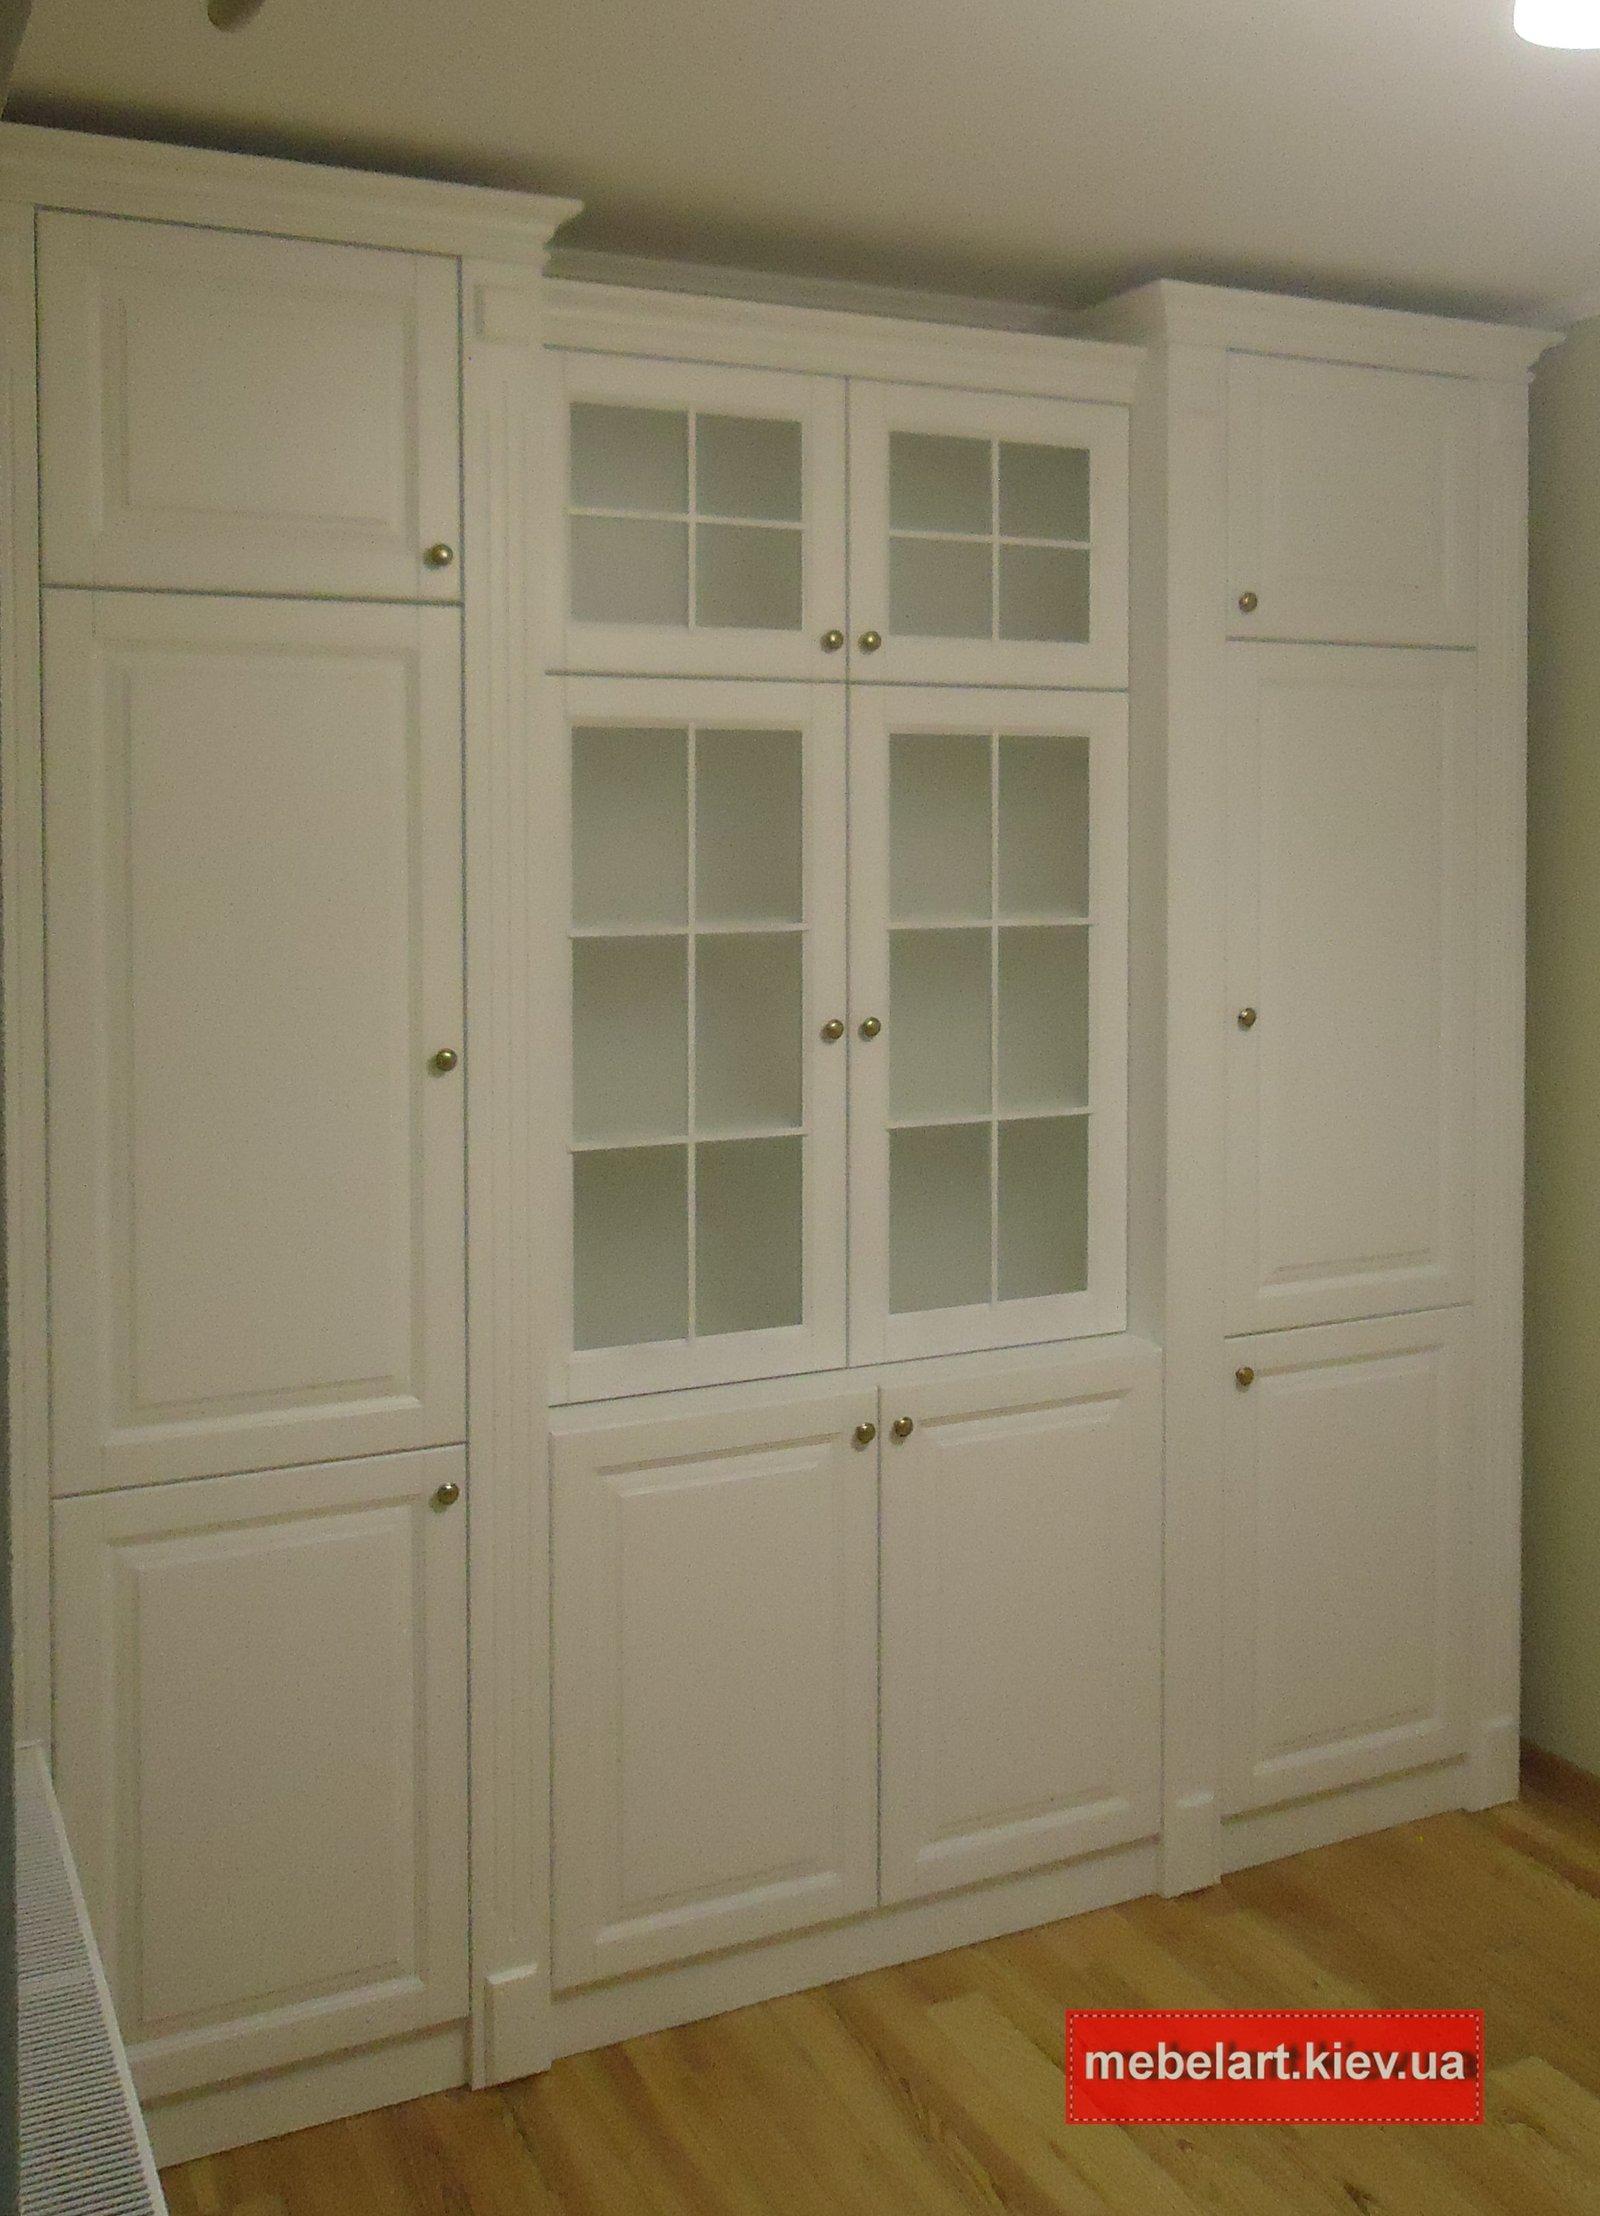 деревянный шкаф в гостинную на заказ Киев